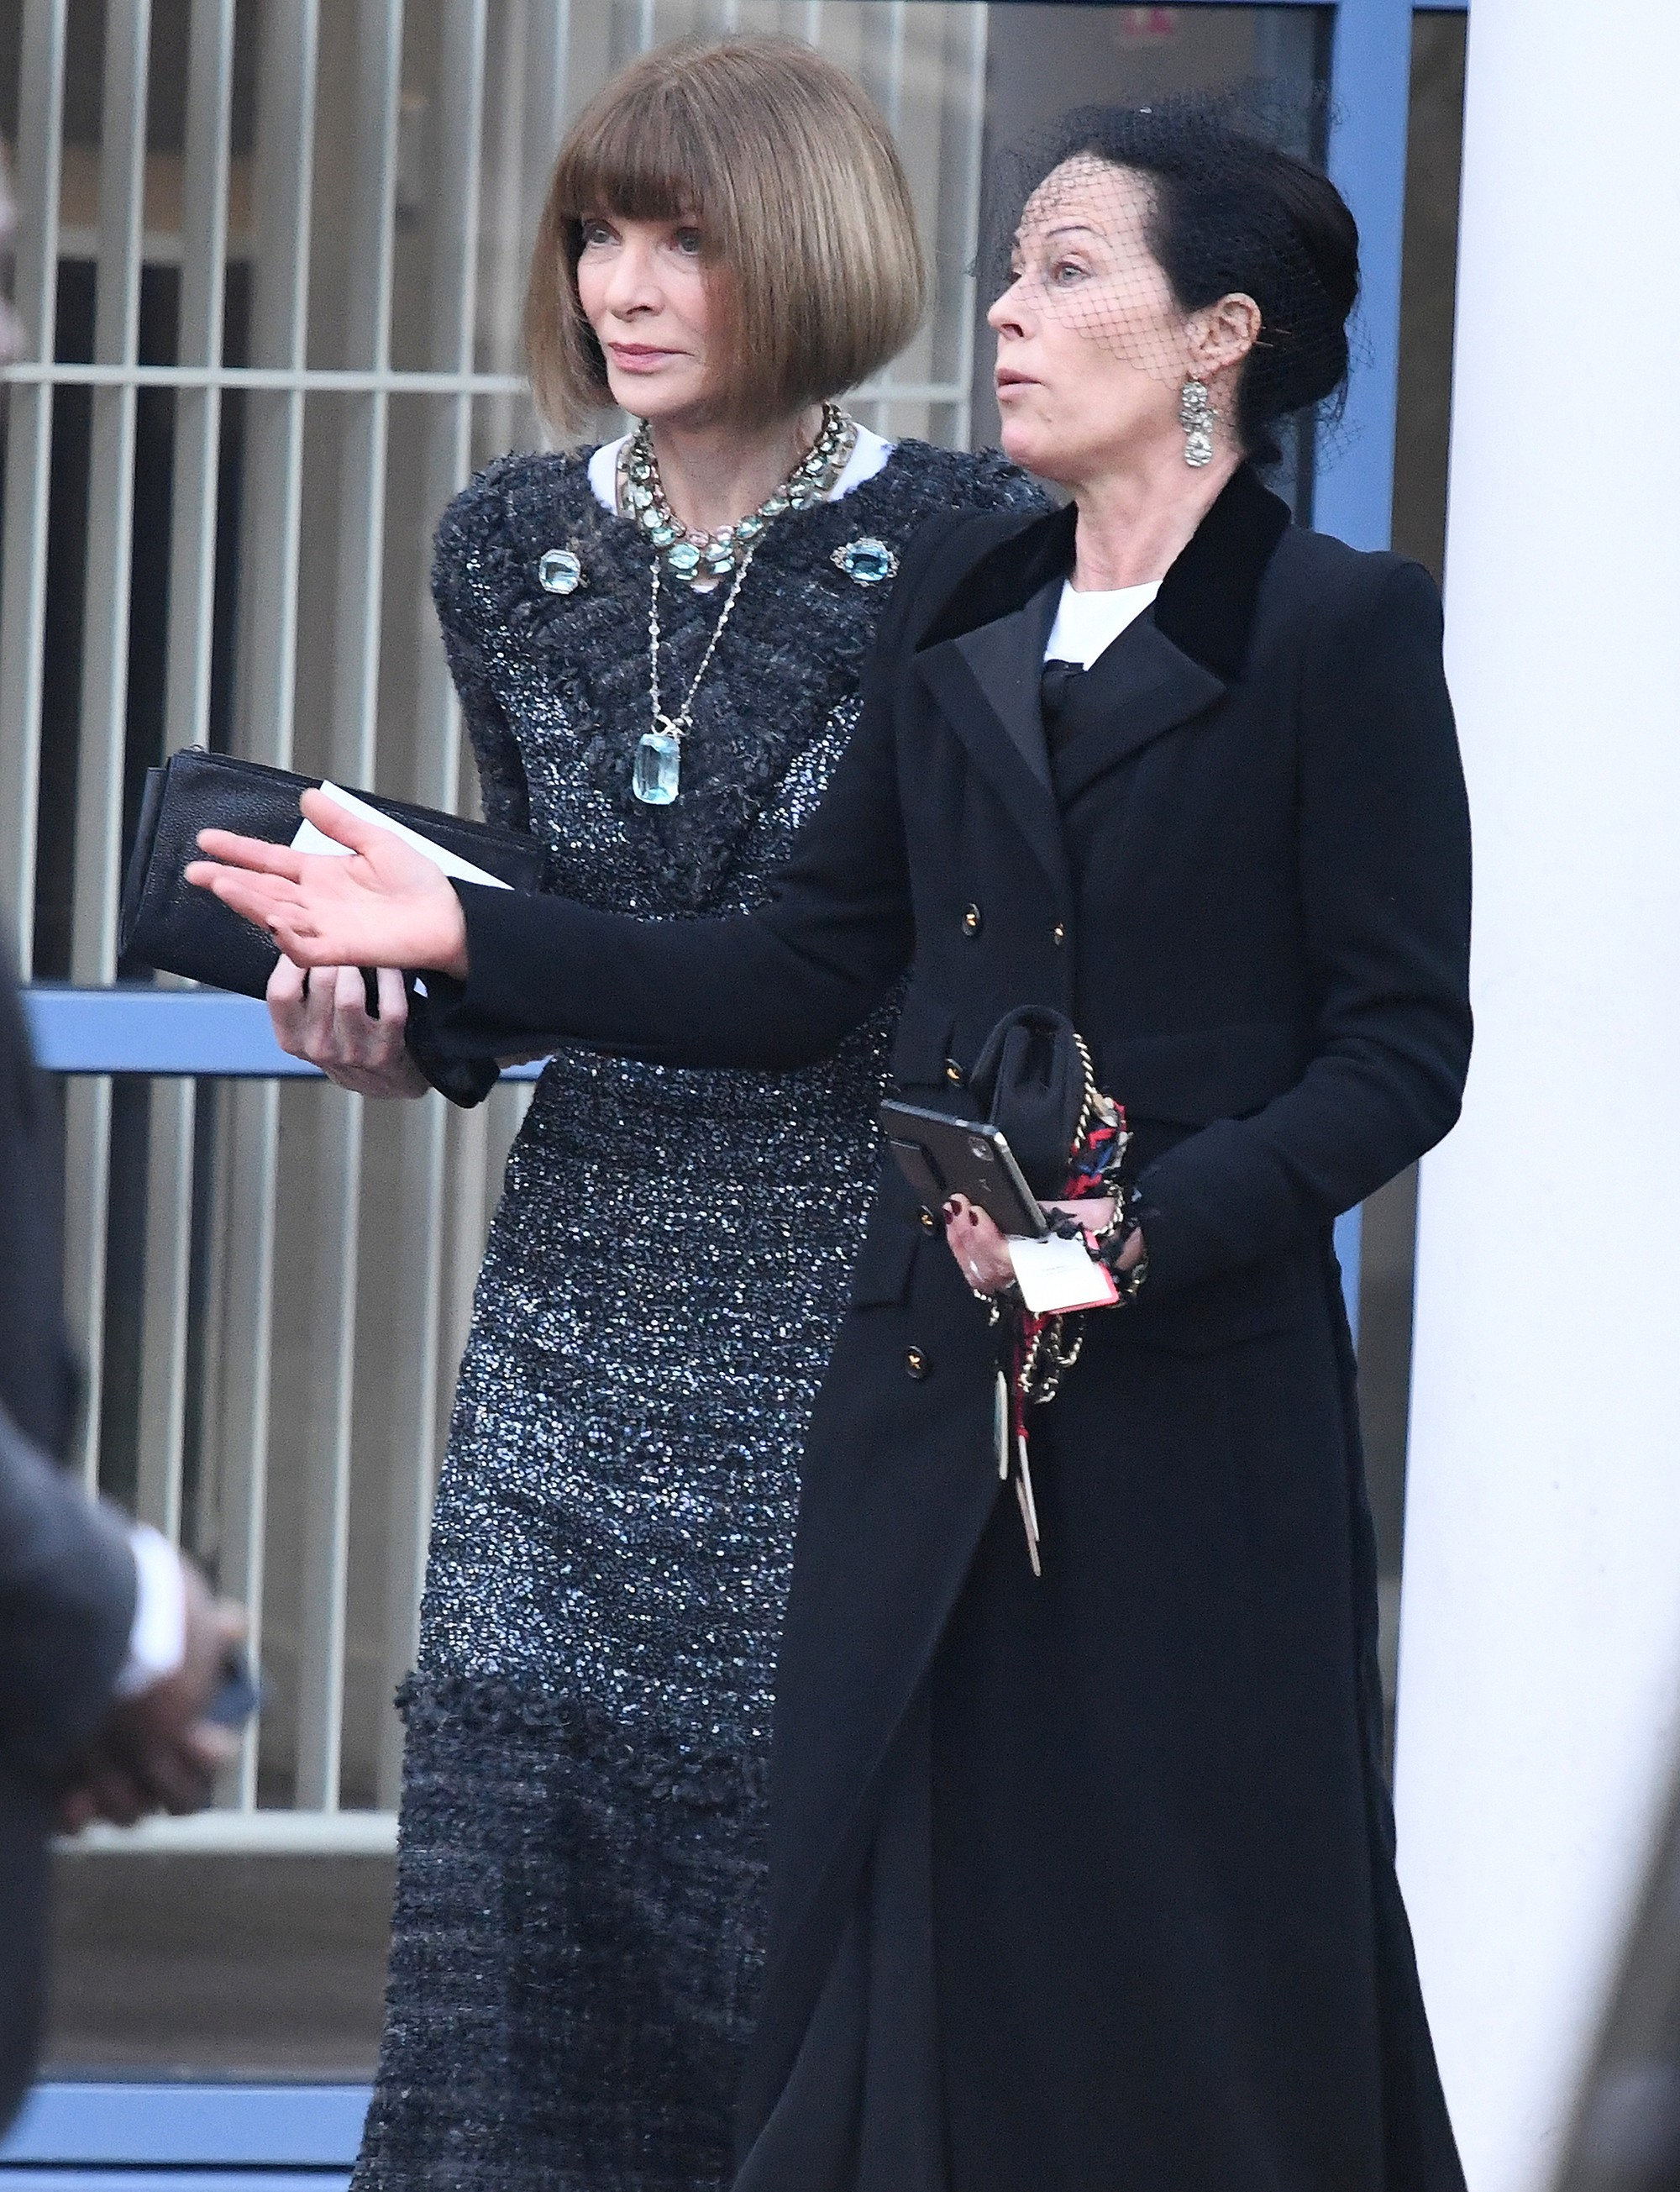 Lễ hỏa táng của huyền thoại Karl Lagerfeld: Công chúa Monaco, tổng biên tạp chí Vogue cùng dàn siêu mẫu đến tiễn đưa - Ảnh 4.